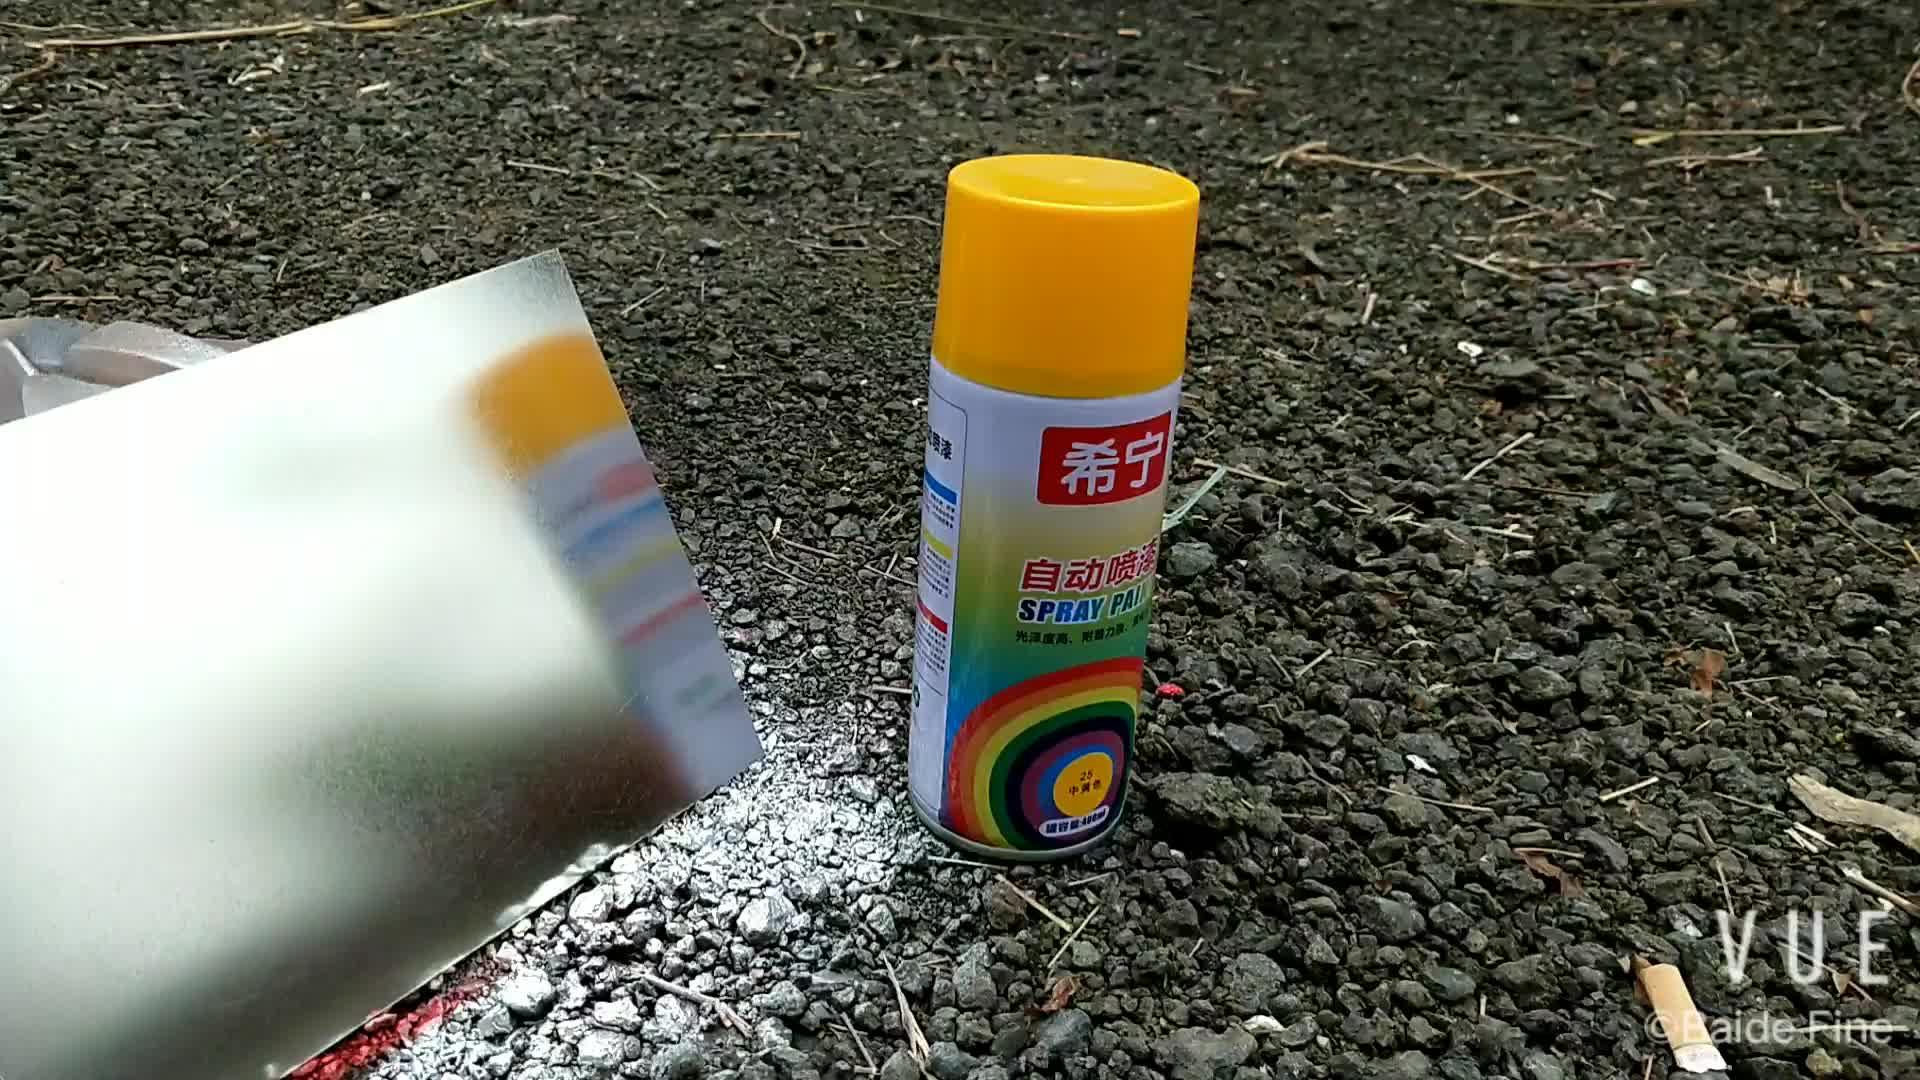 รถทำความสะอาด Multi Purpose Foam Cleaner สเปรย์